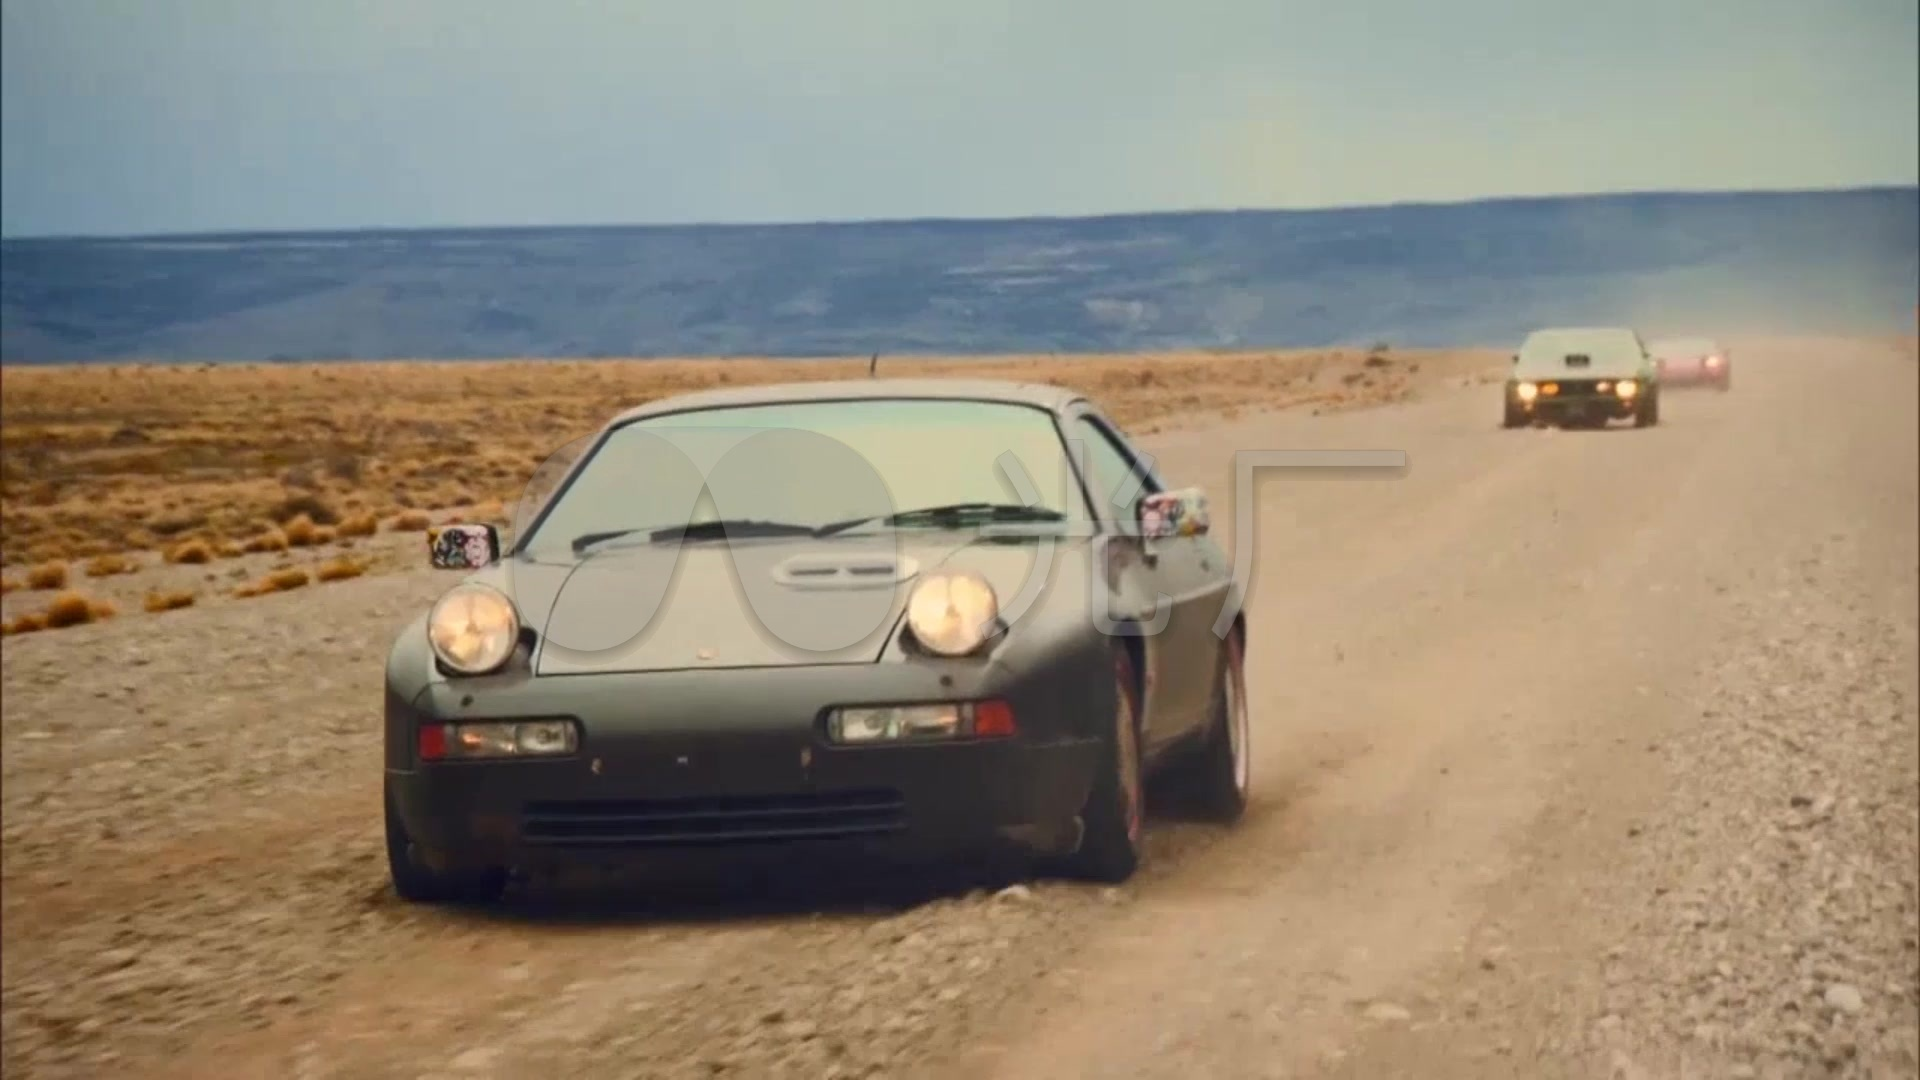 赛车戈壁滩视频素材越野视频沙漠_航拍跑车_公路叶笛吹图片